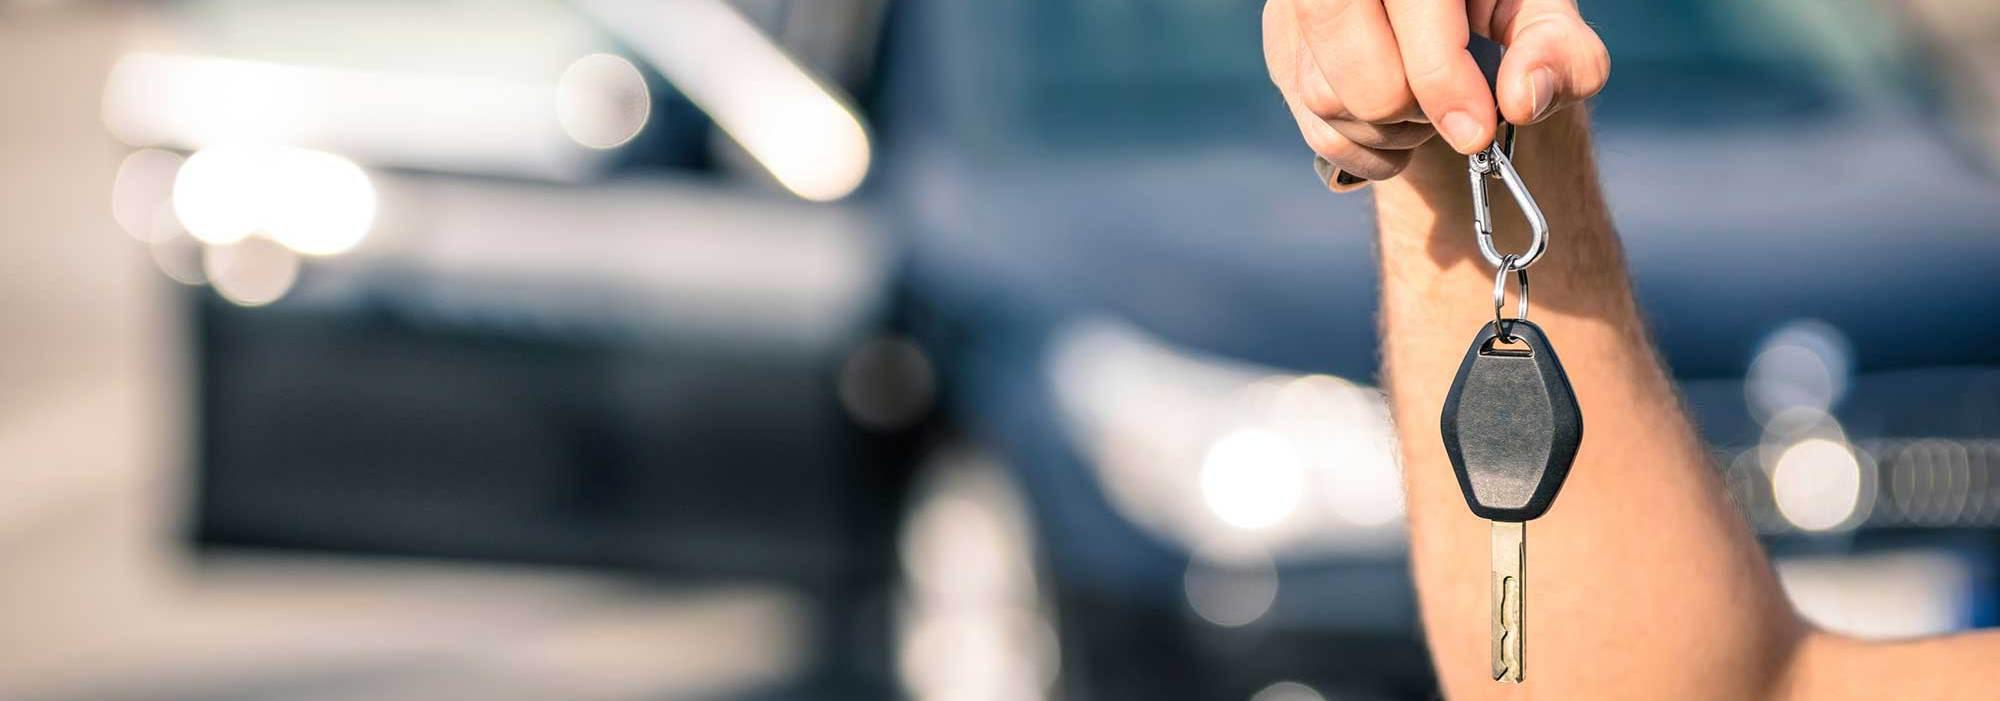 Locksmith holding a car key in San Marcos, TX